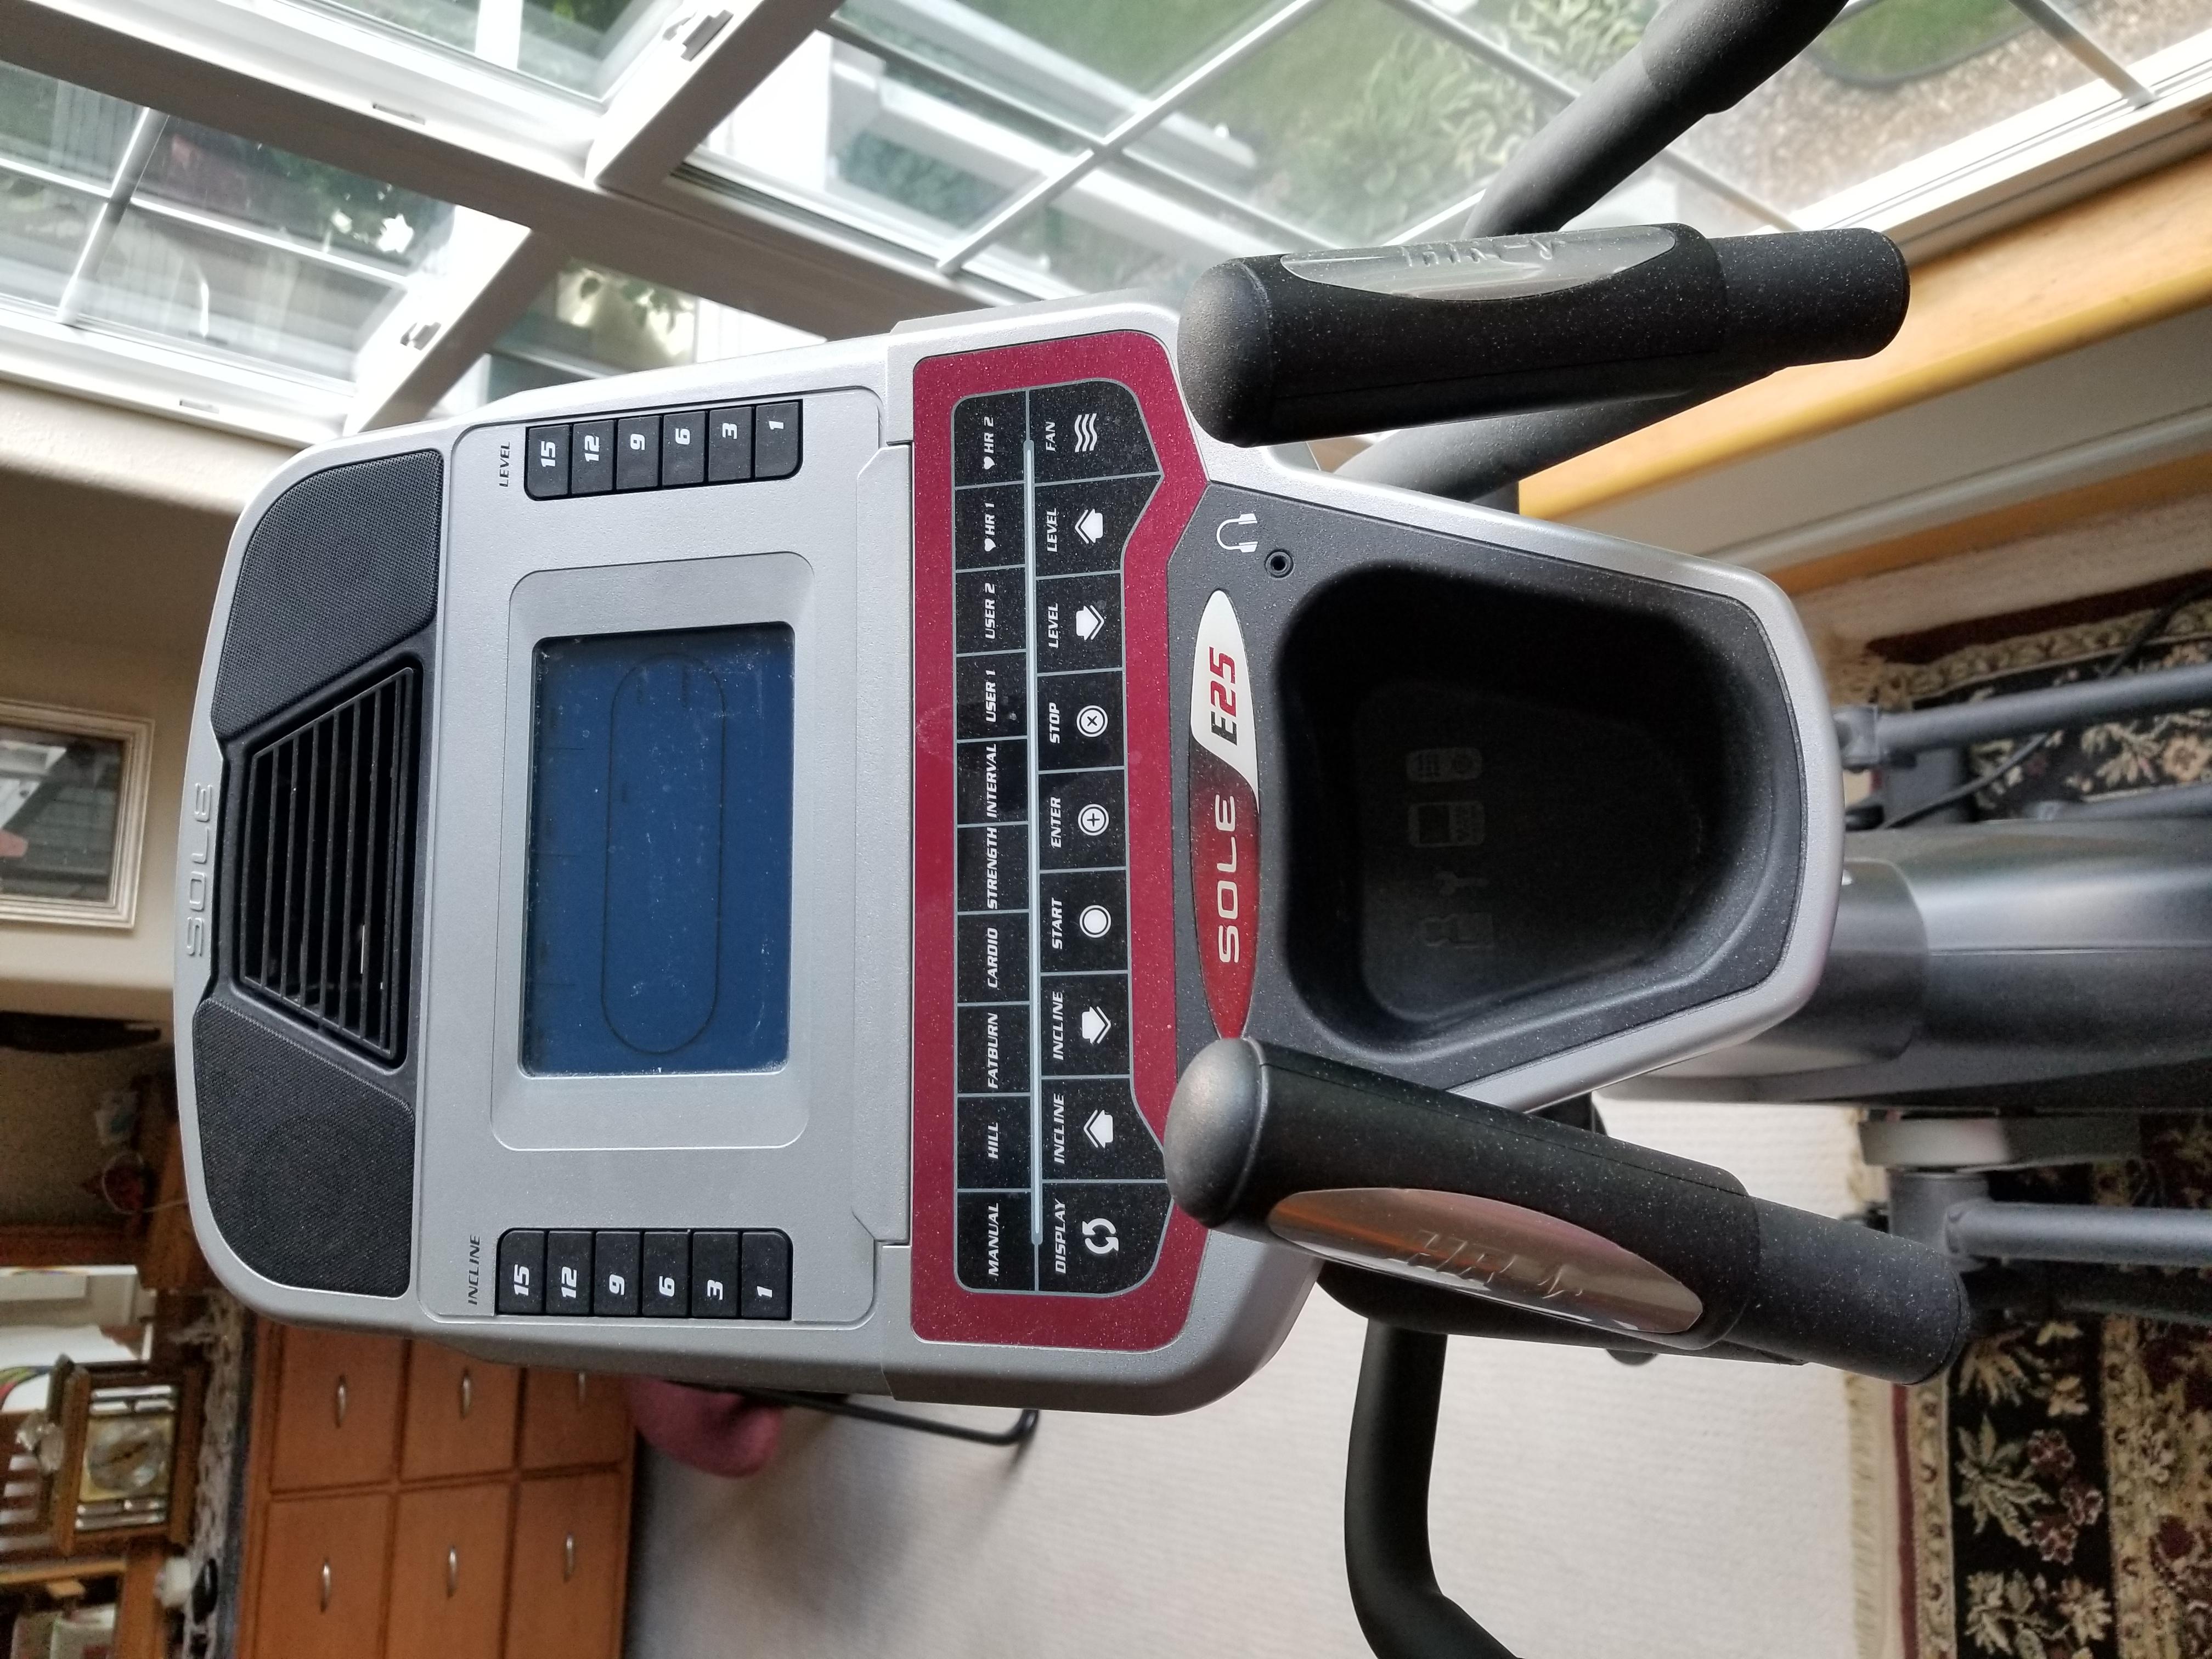 Sole elliptical machine